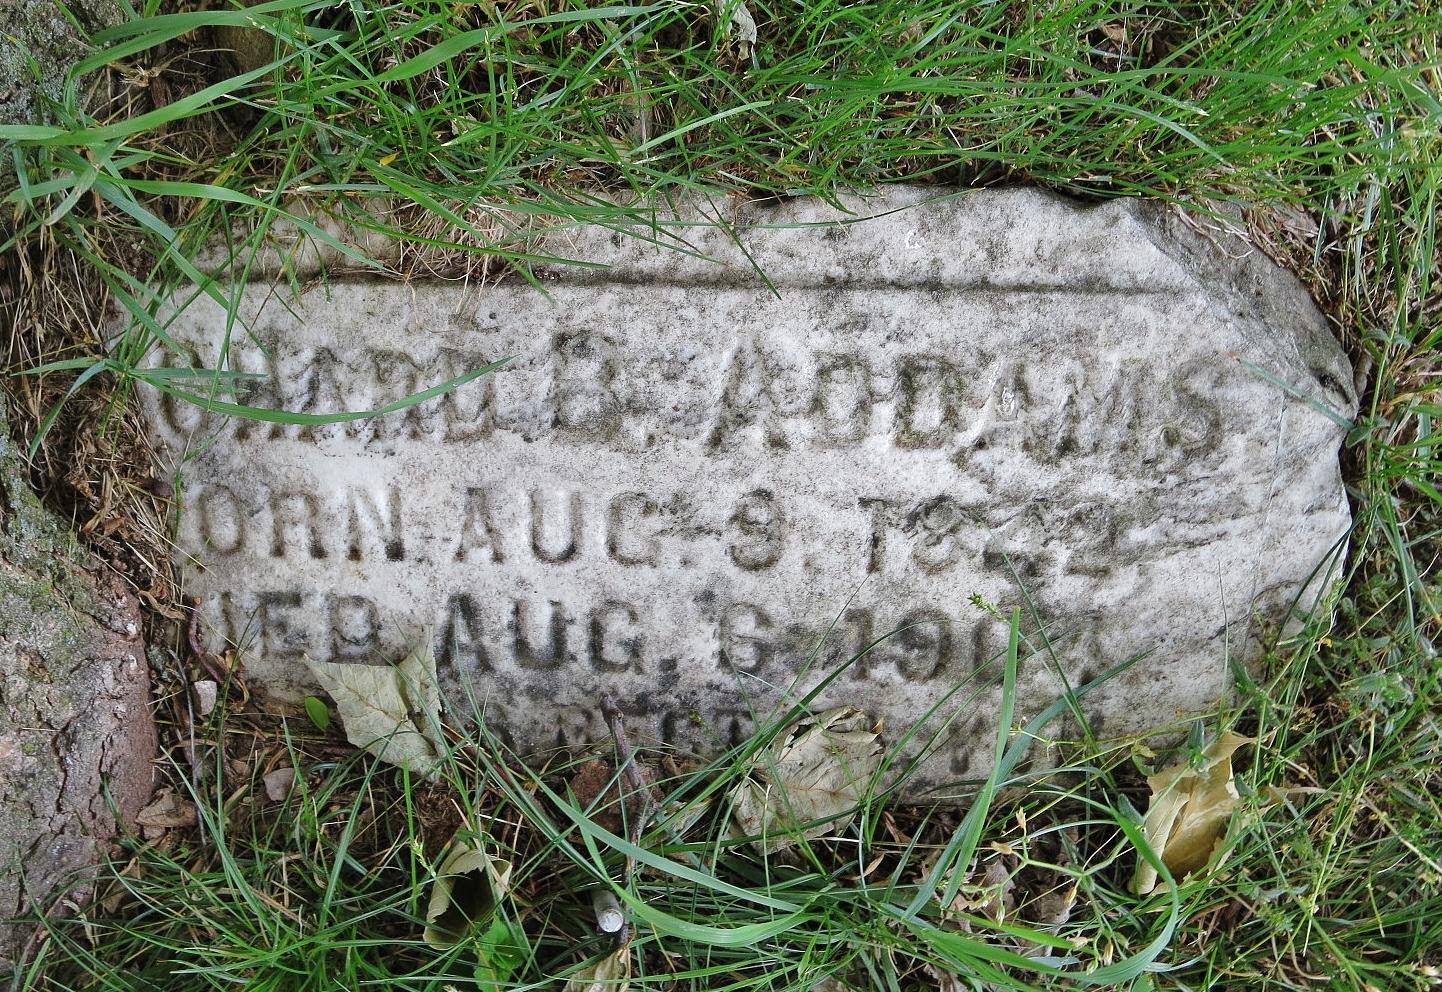 Richard B. Addams